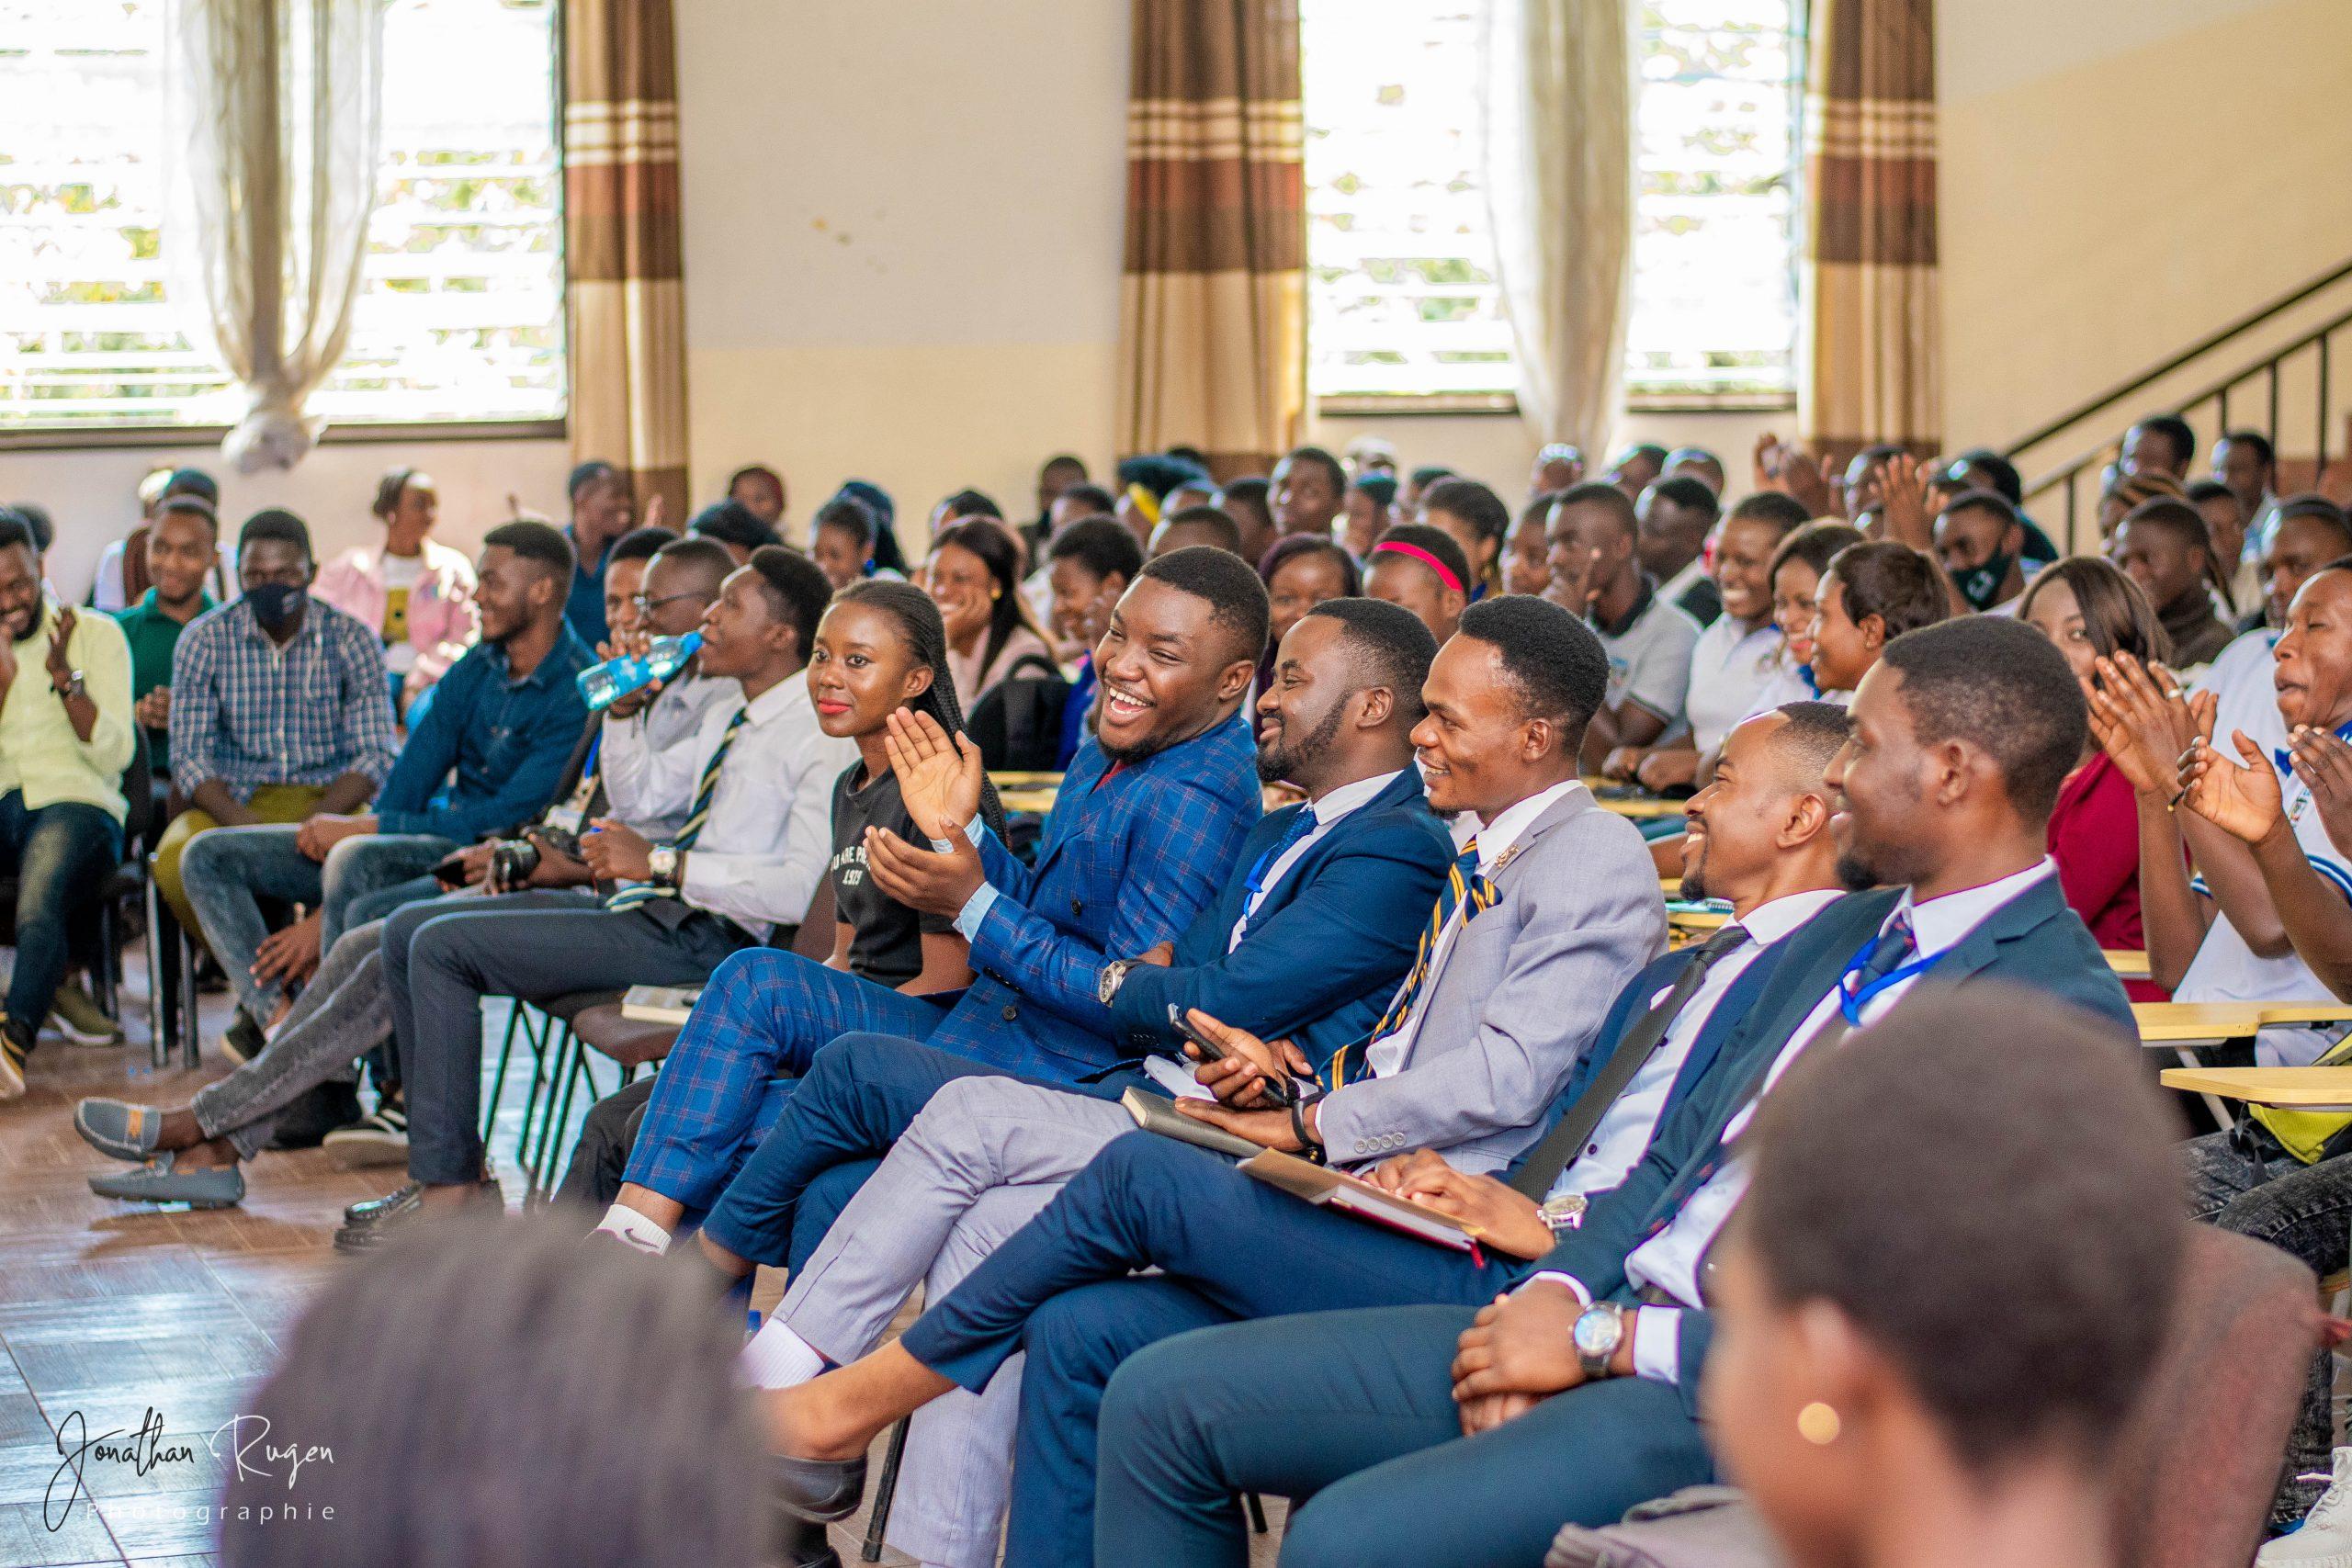 Remise officielle des bourses à 150 étudiants de l'ULPGL Goma